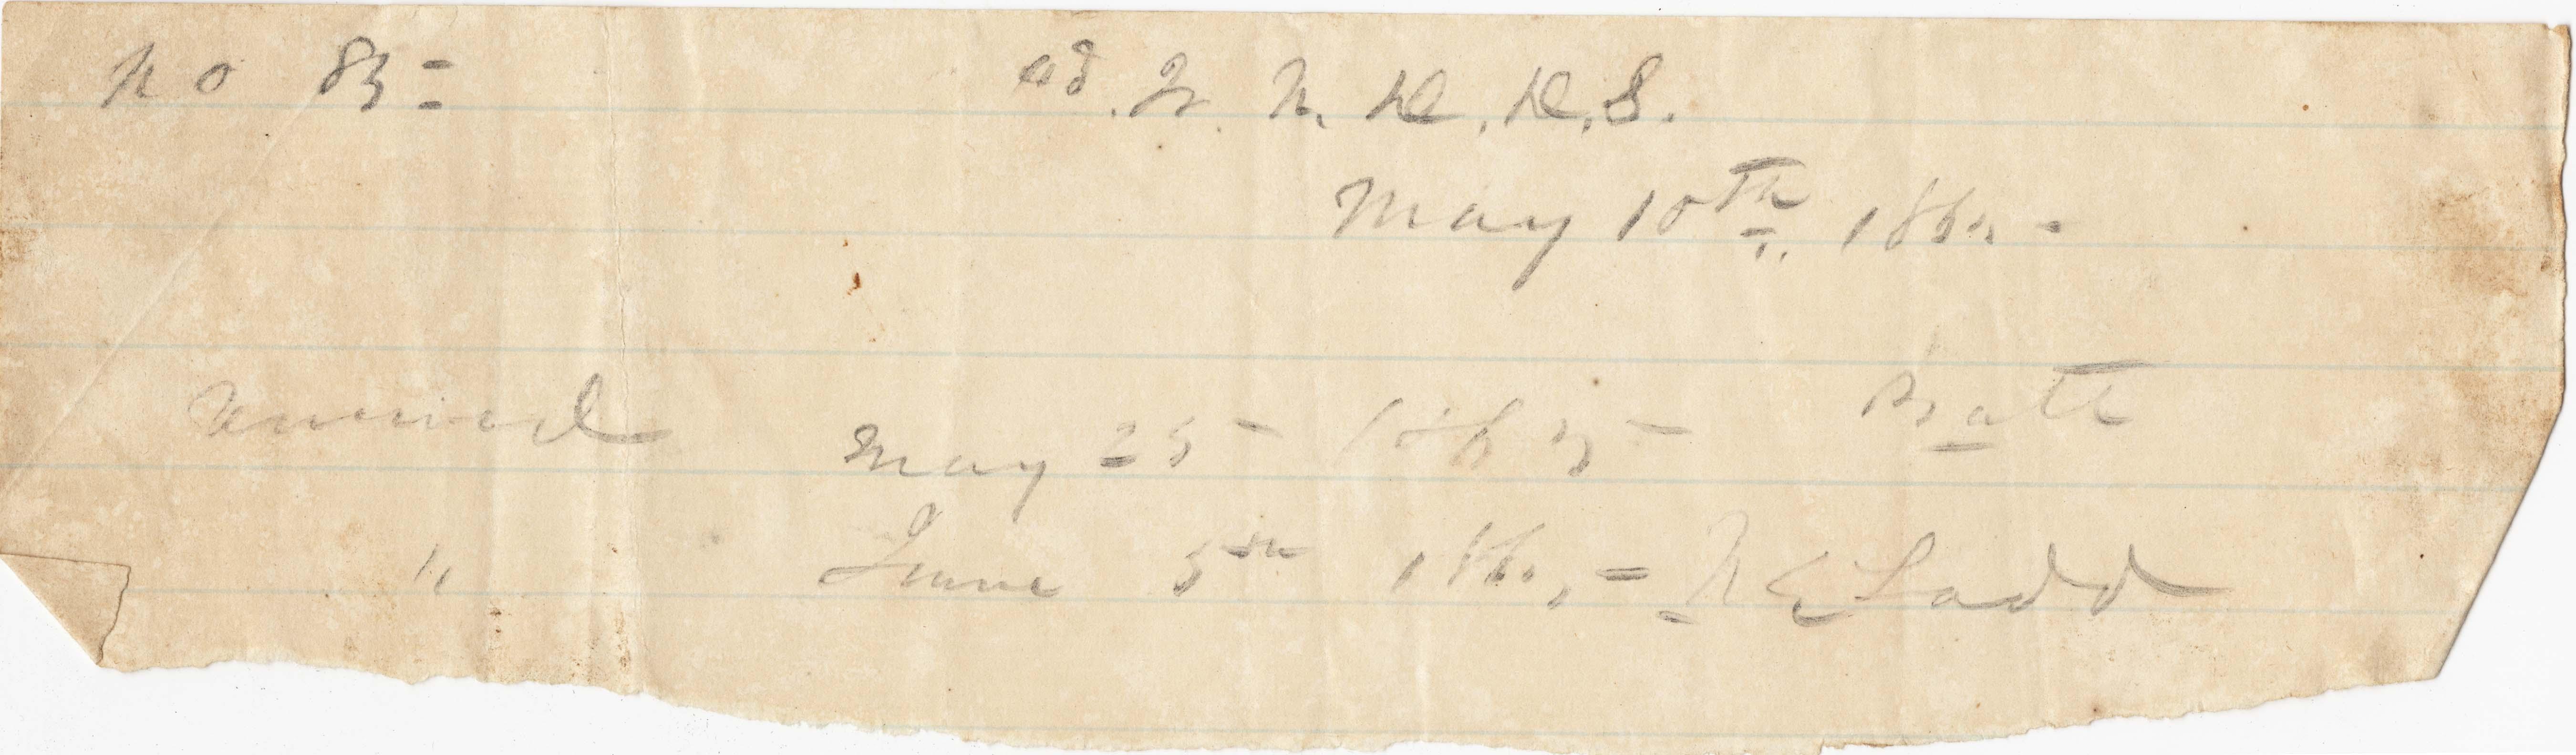 Receipt mark No. 85 -- May 10, 1865